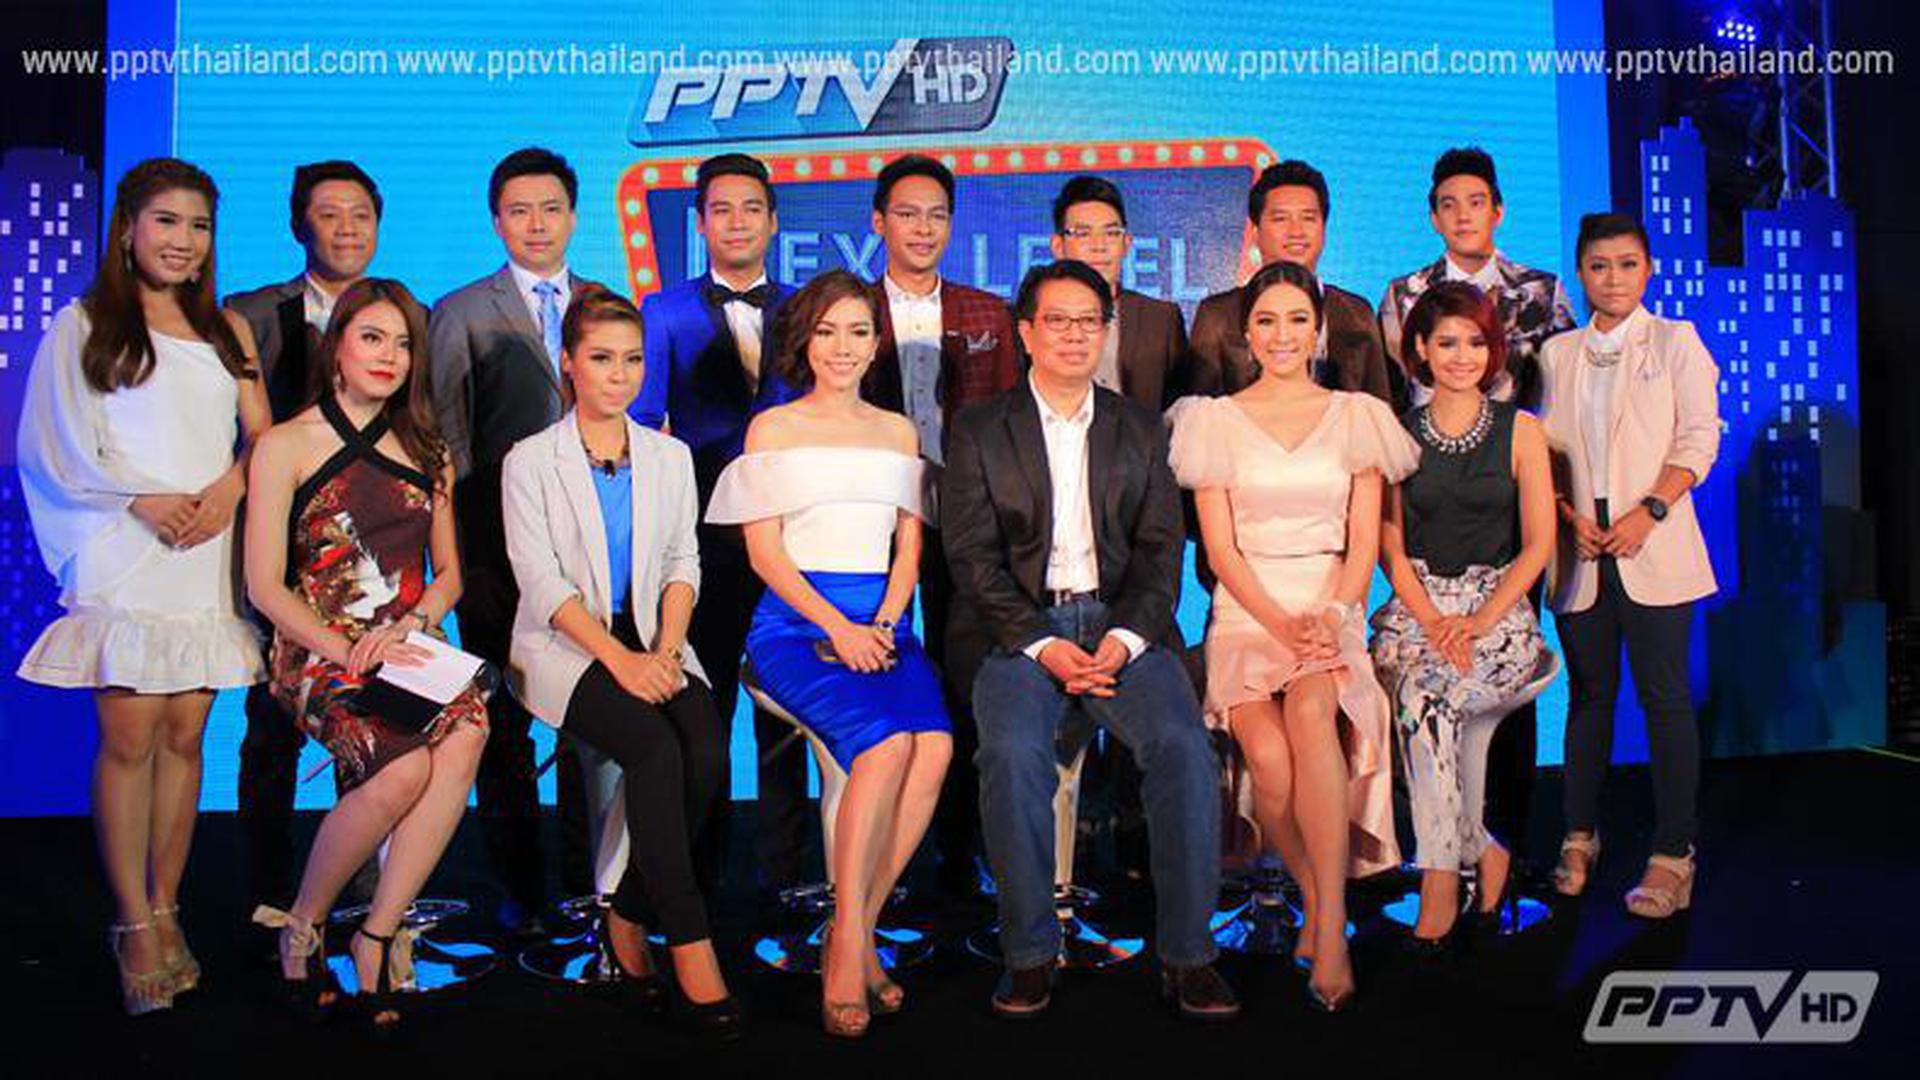 PPTV ยกทัพนักข่าว รายงานข่าวเข้มข้น ตั้งแต่หกโมงเช้าเป็นต้นไป